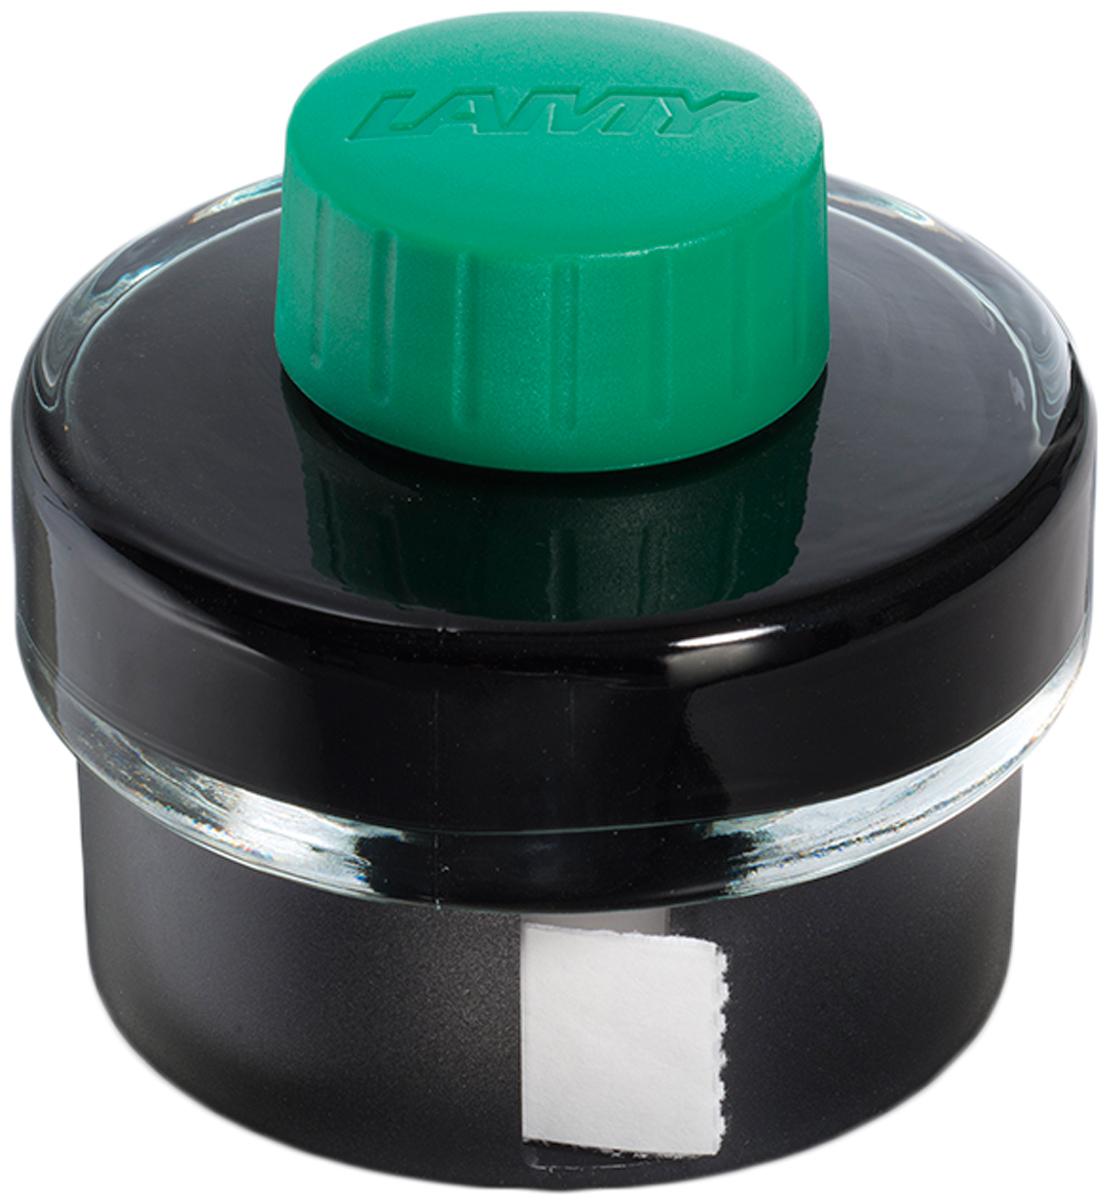 Lamy Чернила для письма T52 цвет зеленый 50 мл -  Чернила и тушь